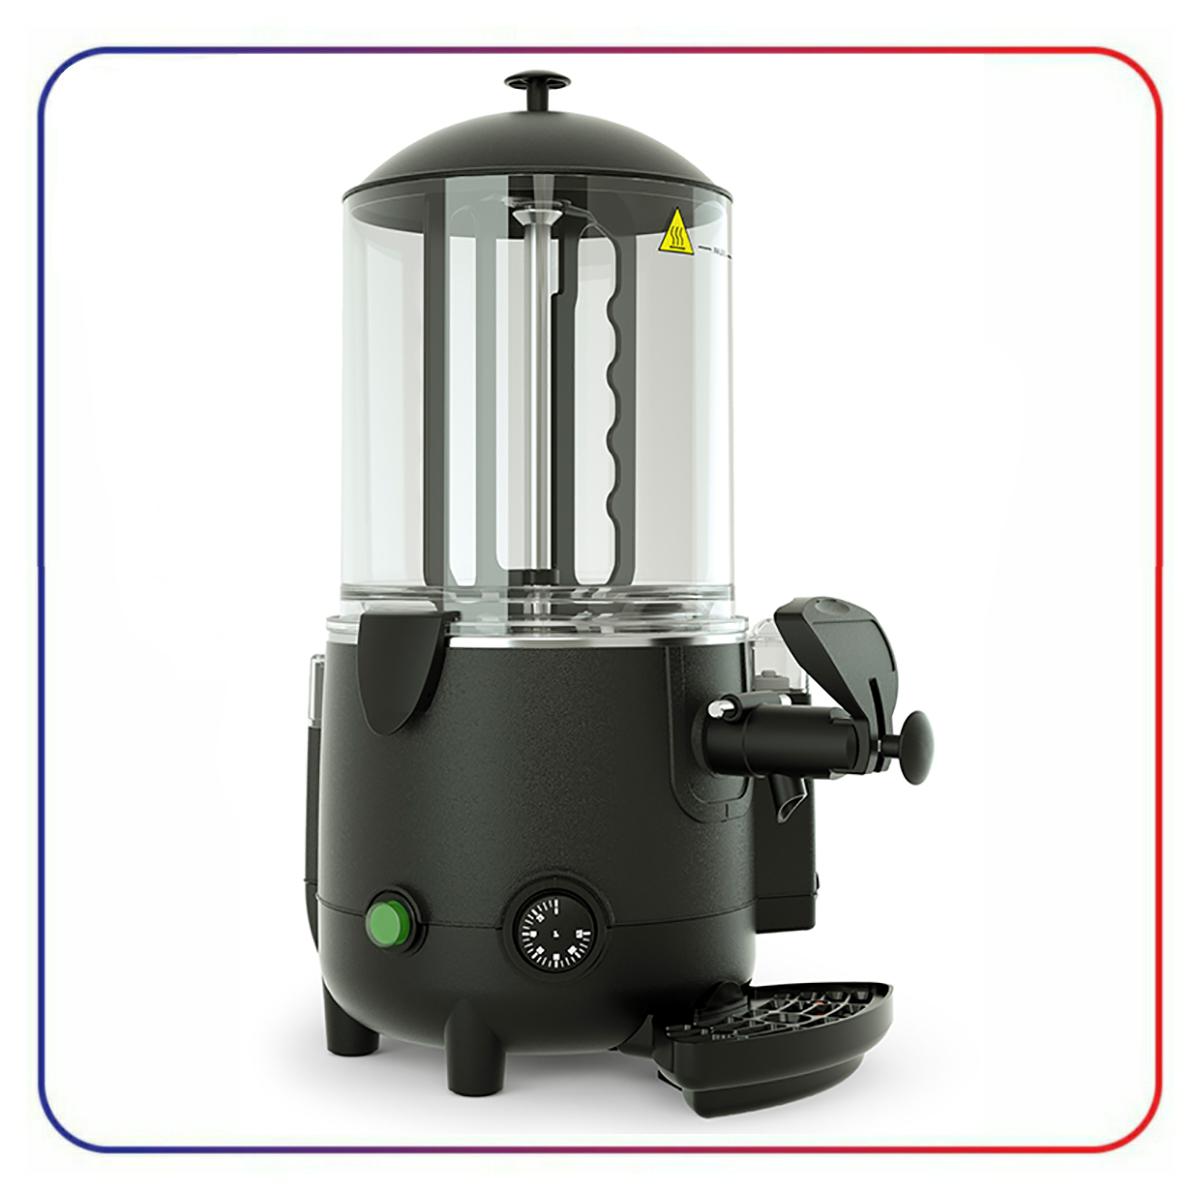 شیر گرم کن - شیر داغ کن دیاموند 10 لیتری DIAMOND DH 10